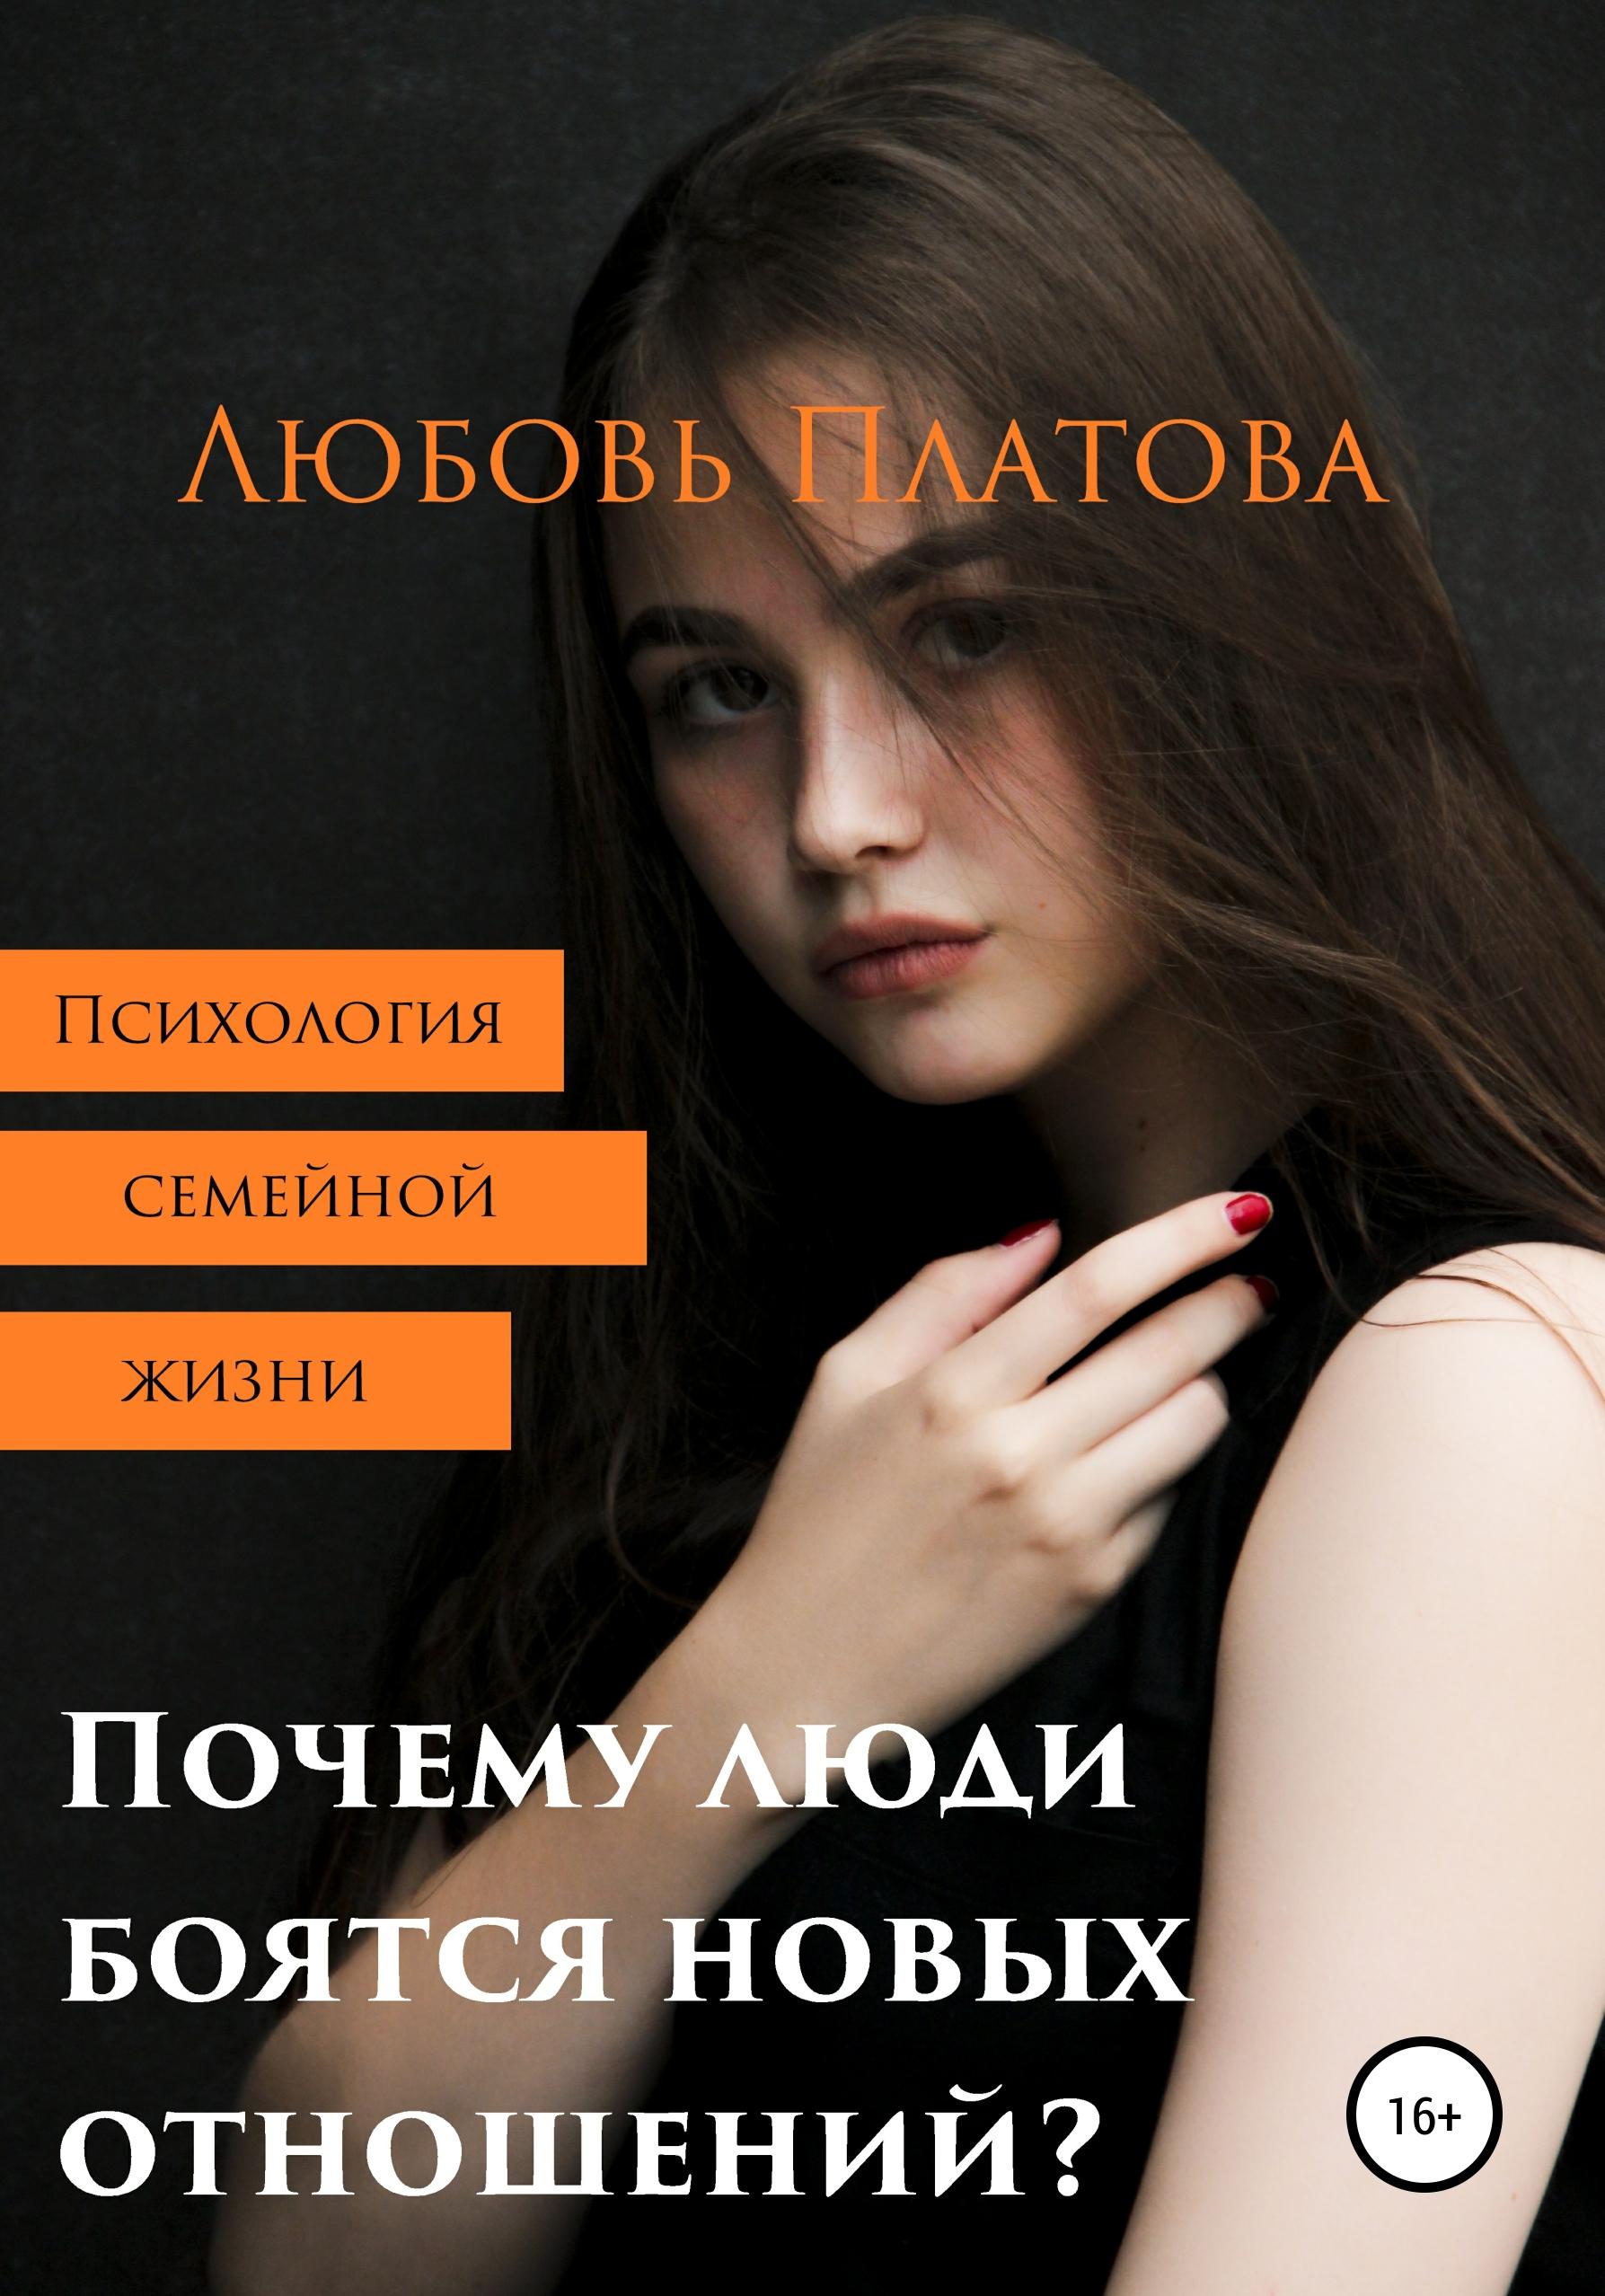 Купить книгу Почему люди боятся новых отношений?, автора Любови Борисовны Платовой